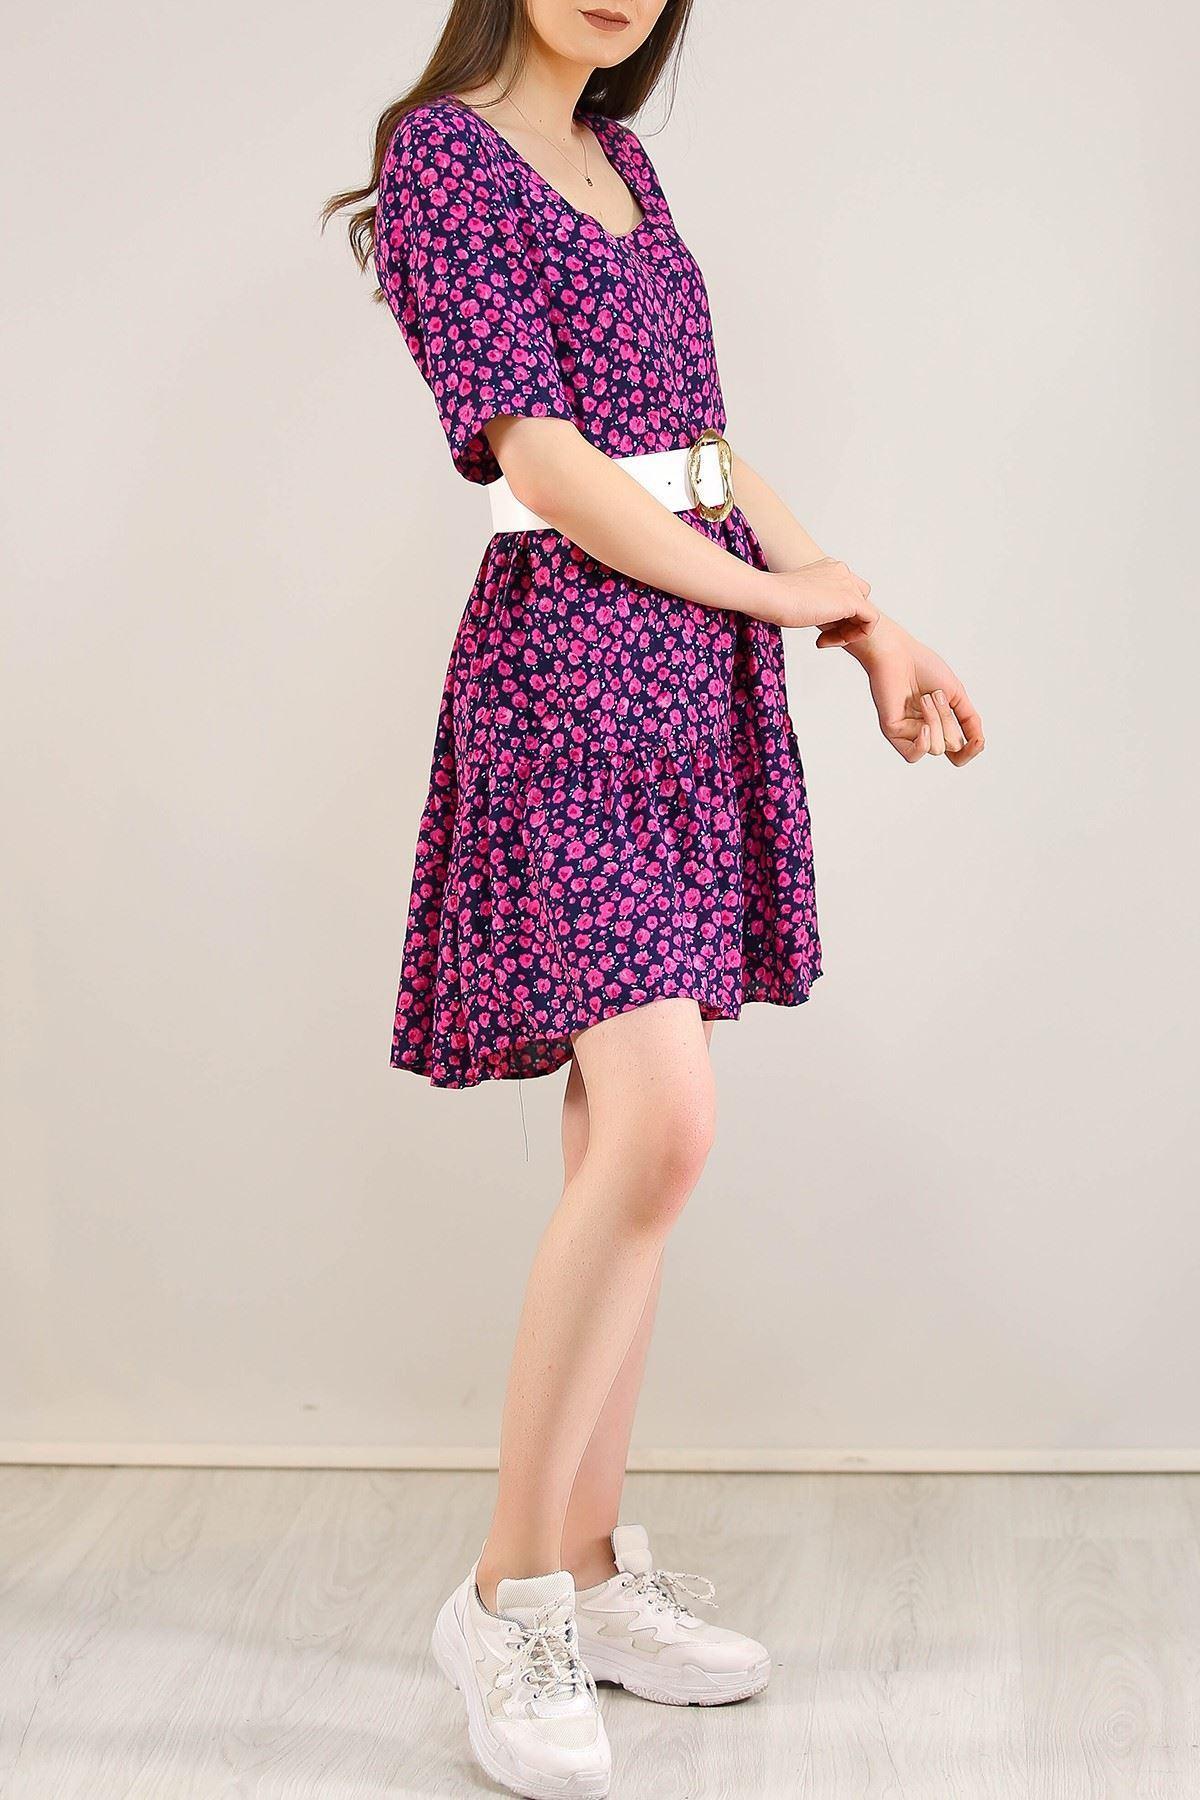 Çerçeve Yaka Kısa Elbise Pembe - 5221.701.